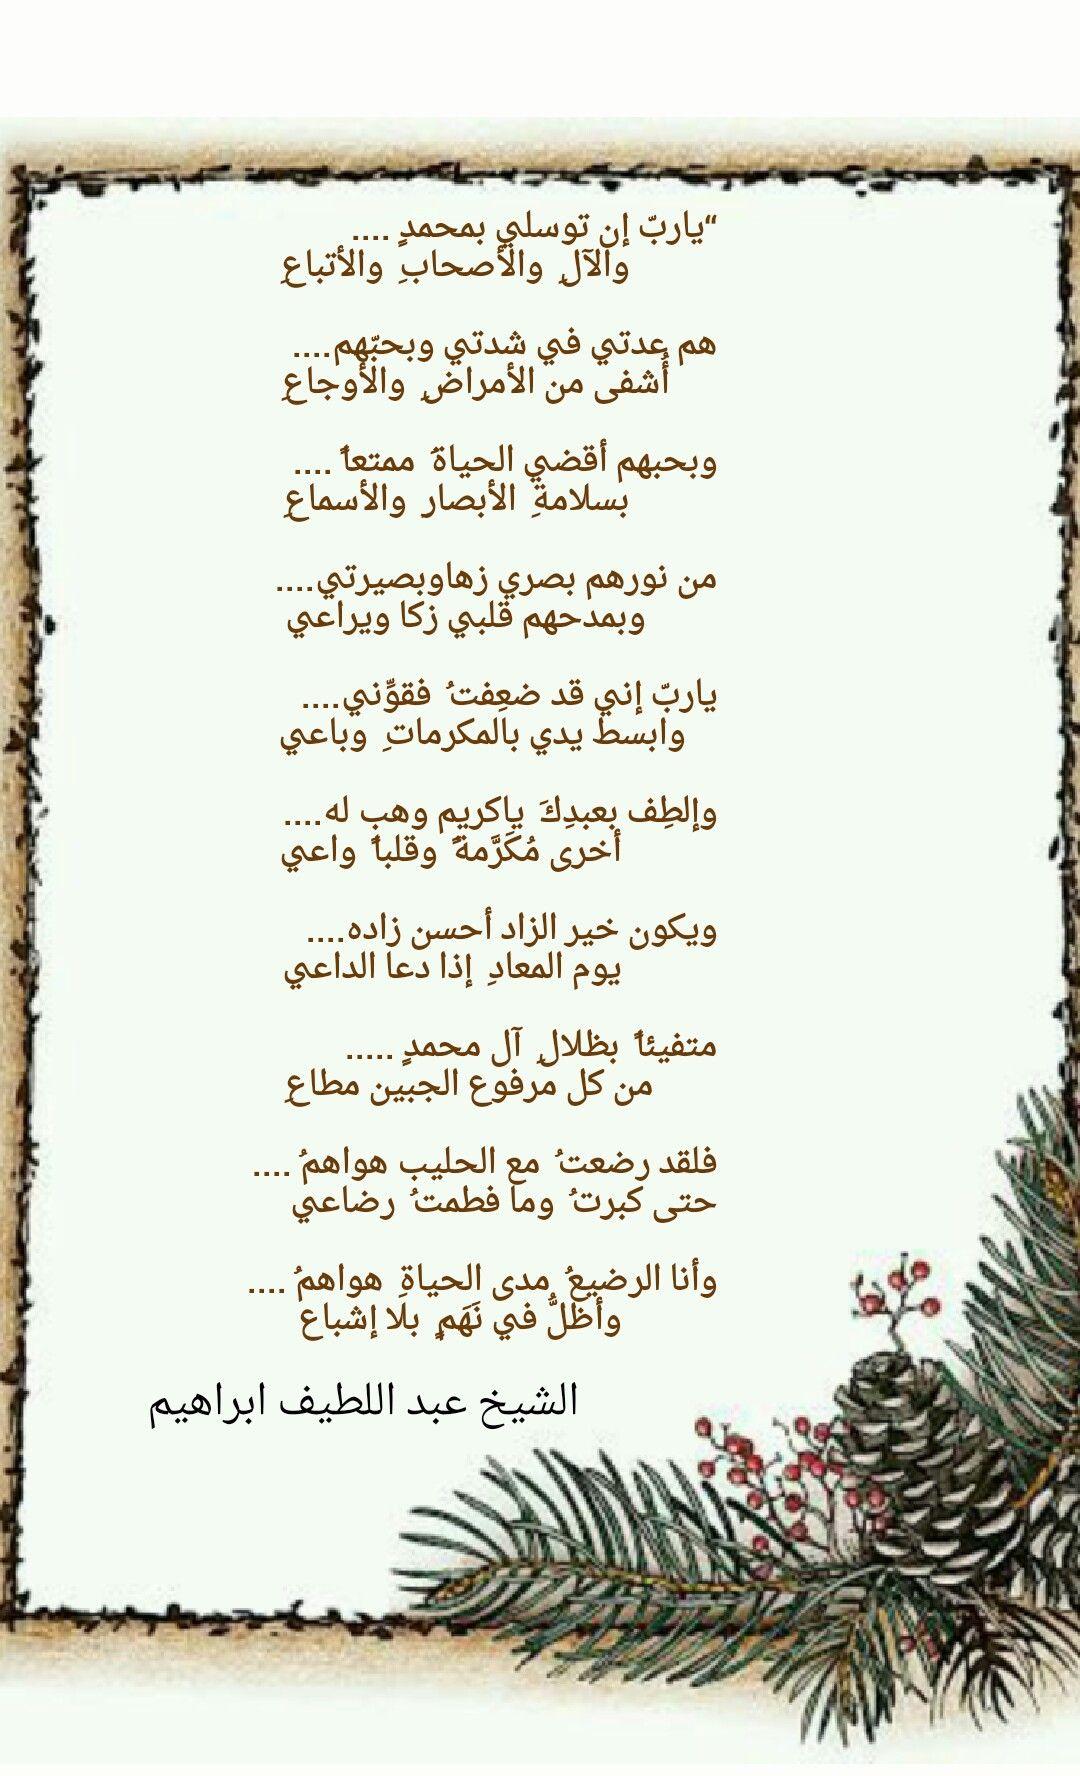 ال محمد عليه السلام